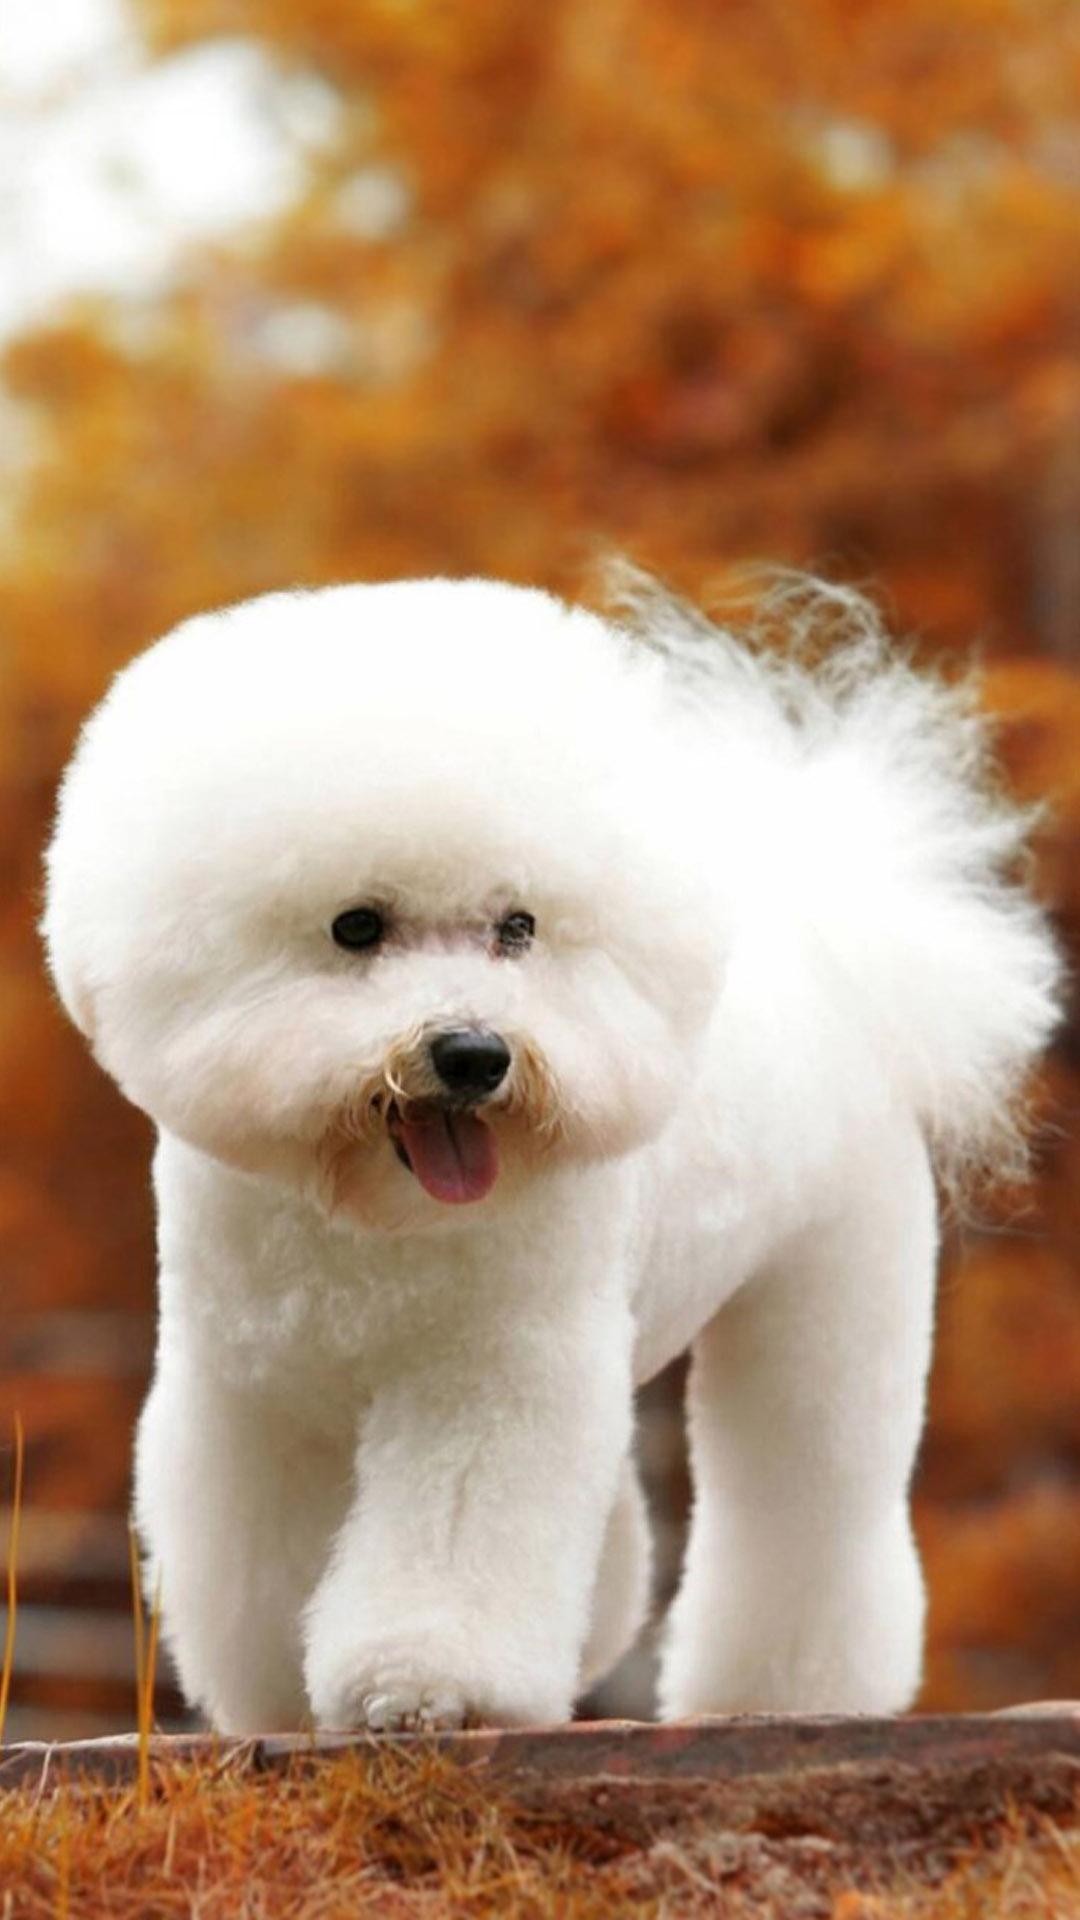 """简介:比熊犬原产于地中海地区,是一种小型犬品种。颜色一般白色,是一种娇小的、强健的白色粉扑型的狗,具有欢快的性格,从它羽毛般欢快地卷在背后的尾巴和好奇的眼神中就能体现出来。今天带给大家的就是动物手机壁纸——""""可爱毛茸茸比熊犬手机壁纸"""",比熊外形可爱,深受大家喜欢,现在多被当作家养宠物 ,因此需要定期处理它的毛发,疾病等。比熊犬性情温顺、敏感、顽皮而可爱。整体外貌而言,比熊犬是小型犬,健壮,萌,蓬松的小尾巴贴在后背,有着一双充满好奇的黑色眼睛。同时它的动作优雅"""